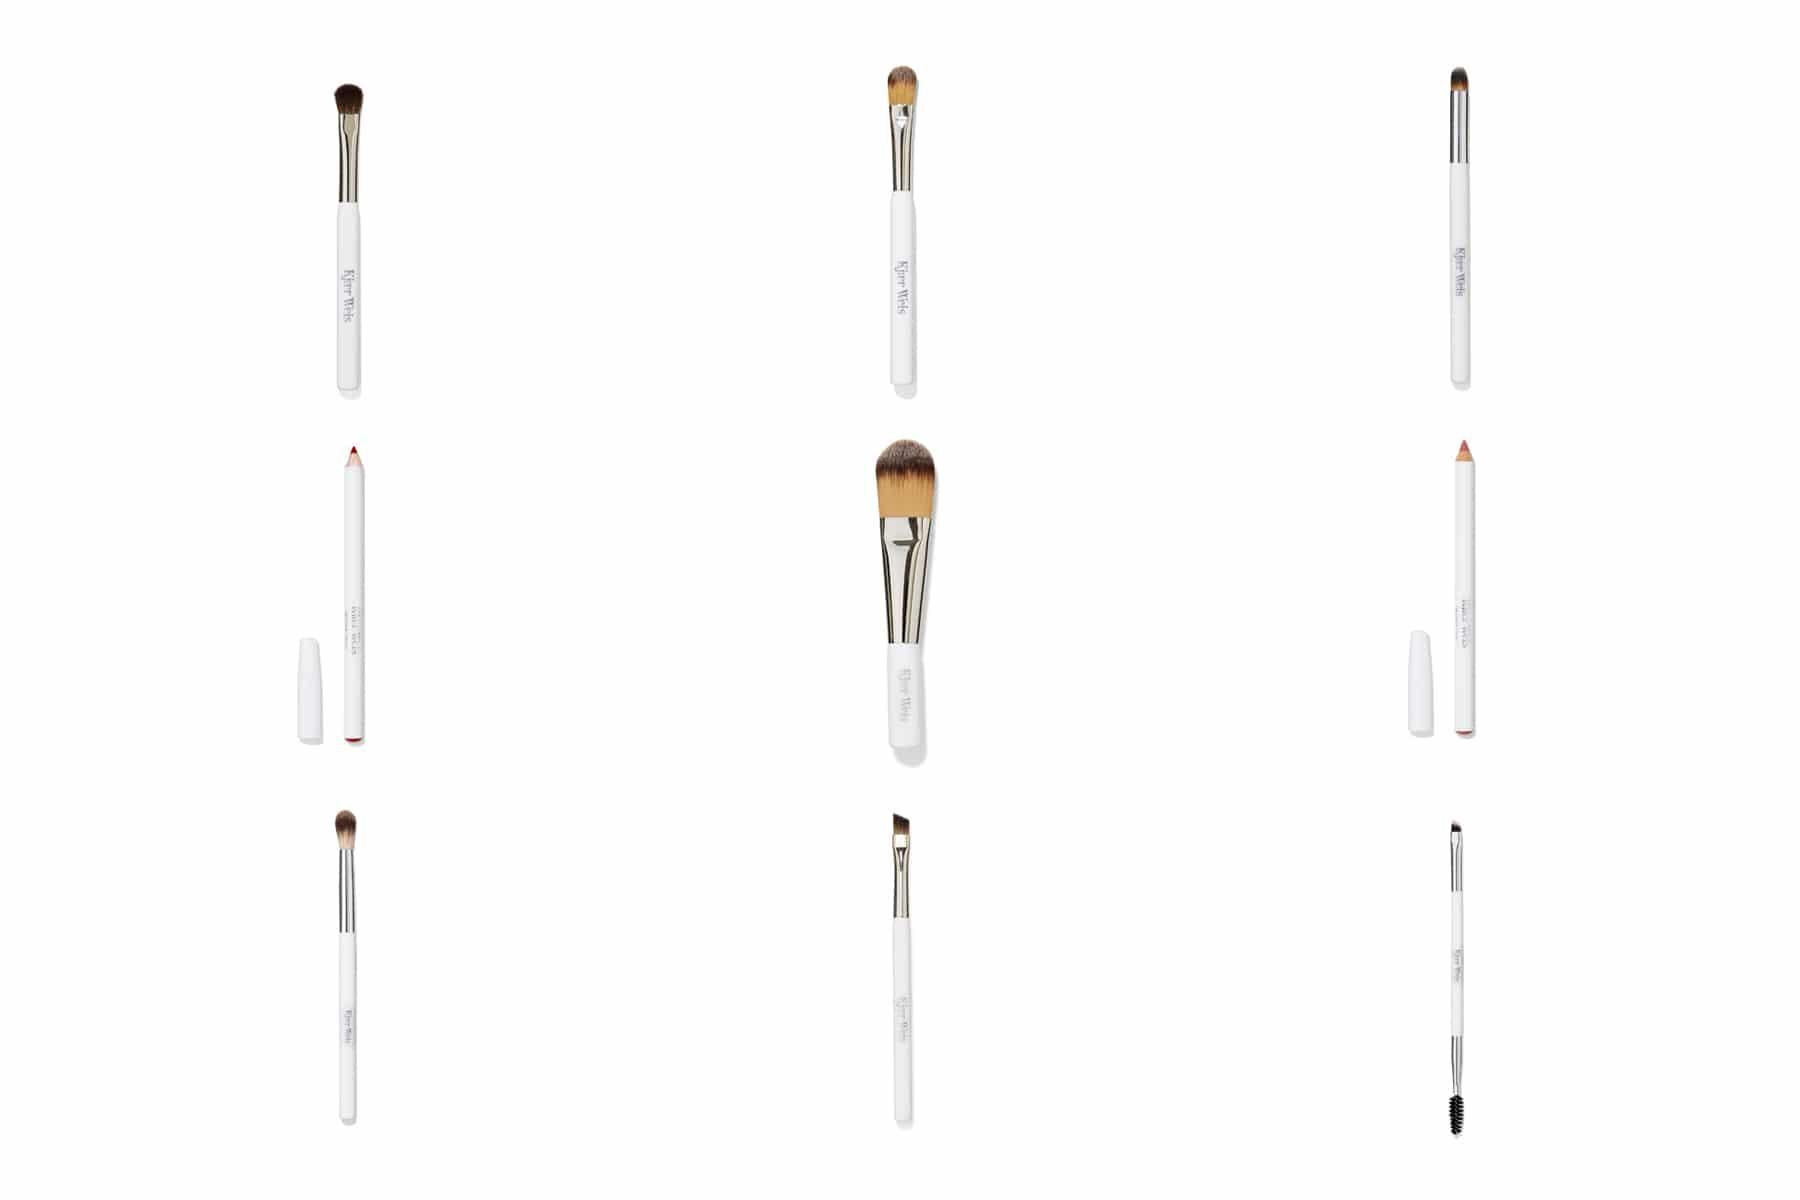 Packshot produits de beauté, maquillage - Pinceaux et crayons Yeux Kjear Weis pour Oh My Cream